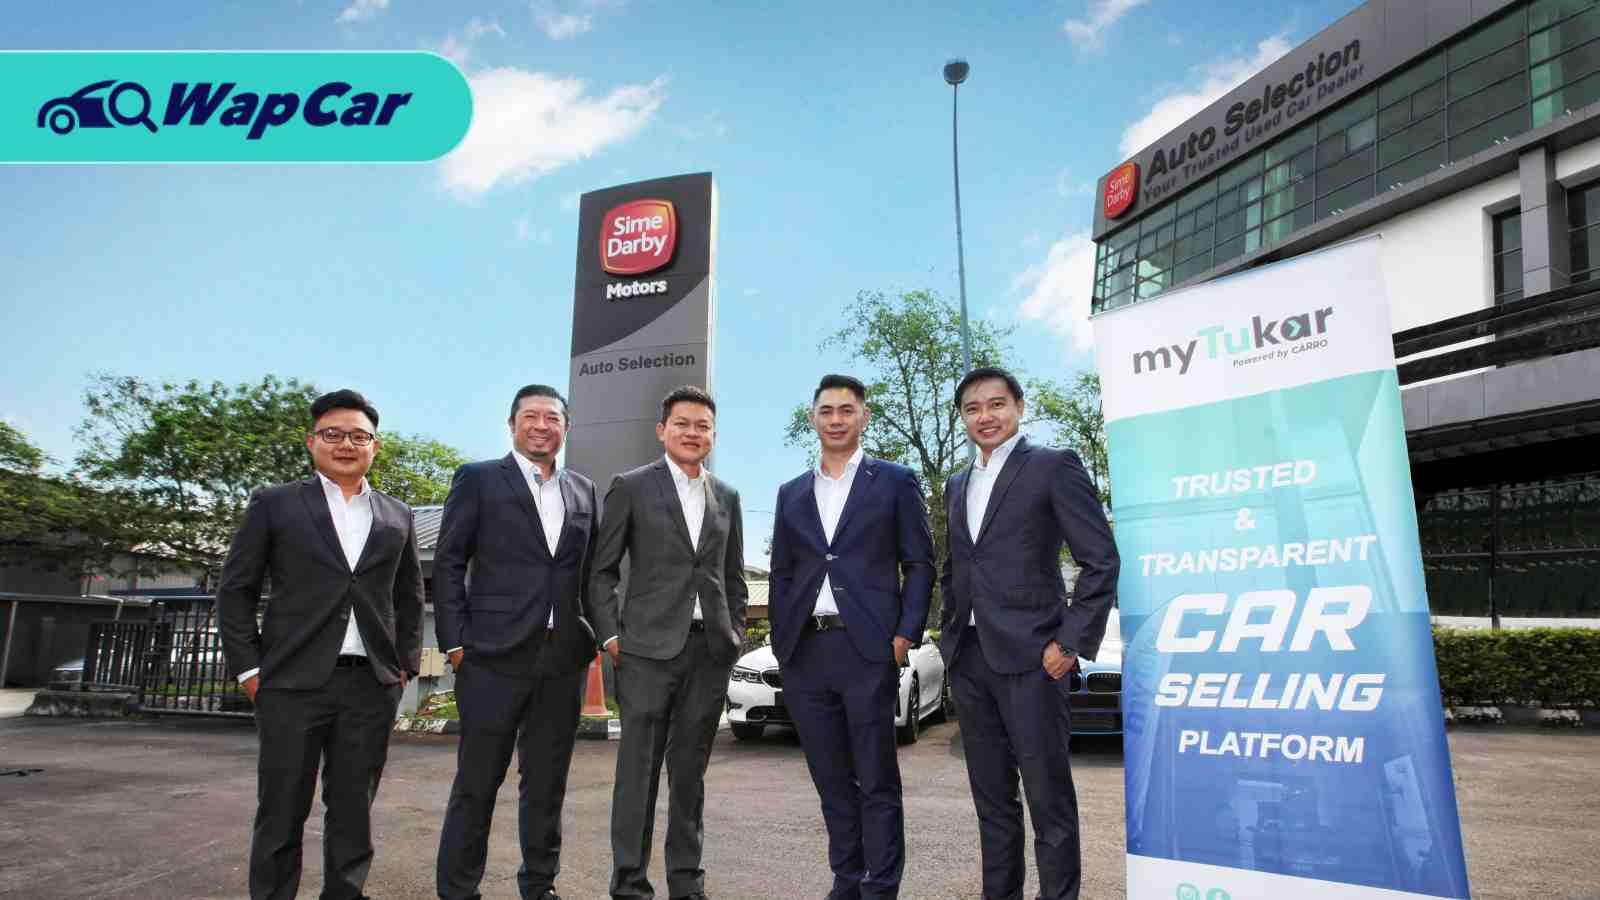 Sime Darby's pre-owned car subsidiary teams up with myTukar 01